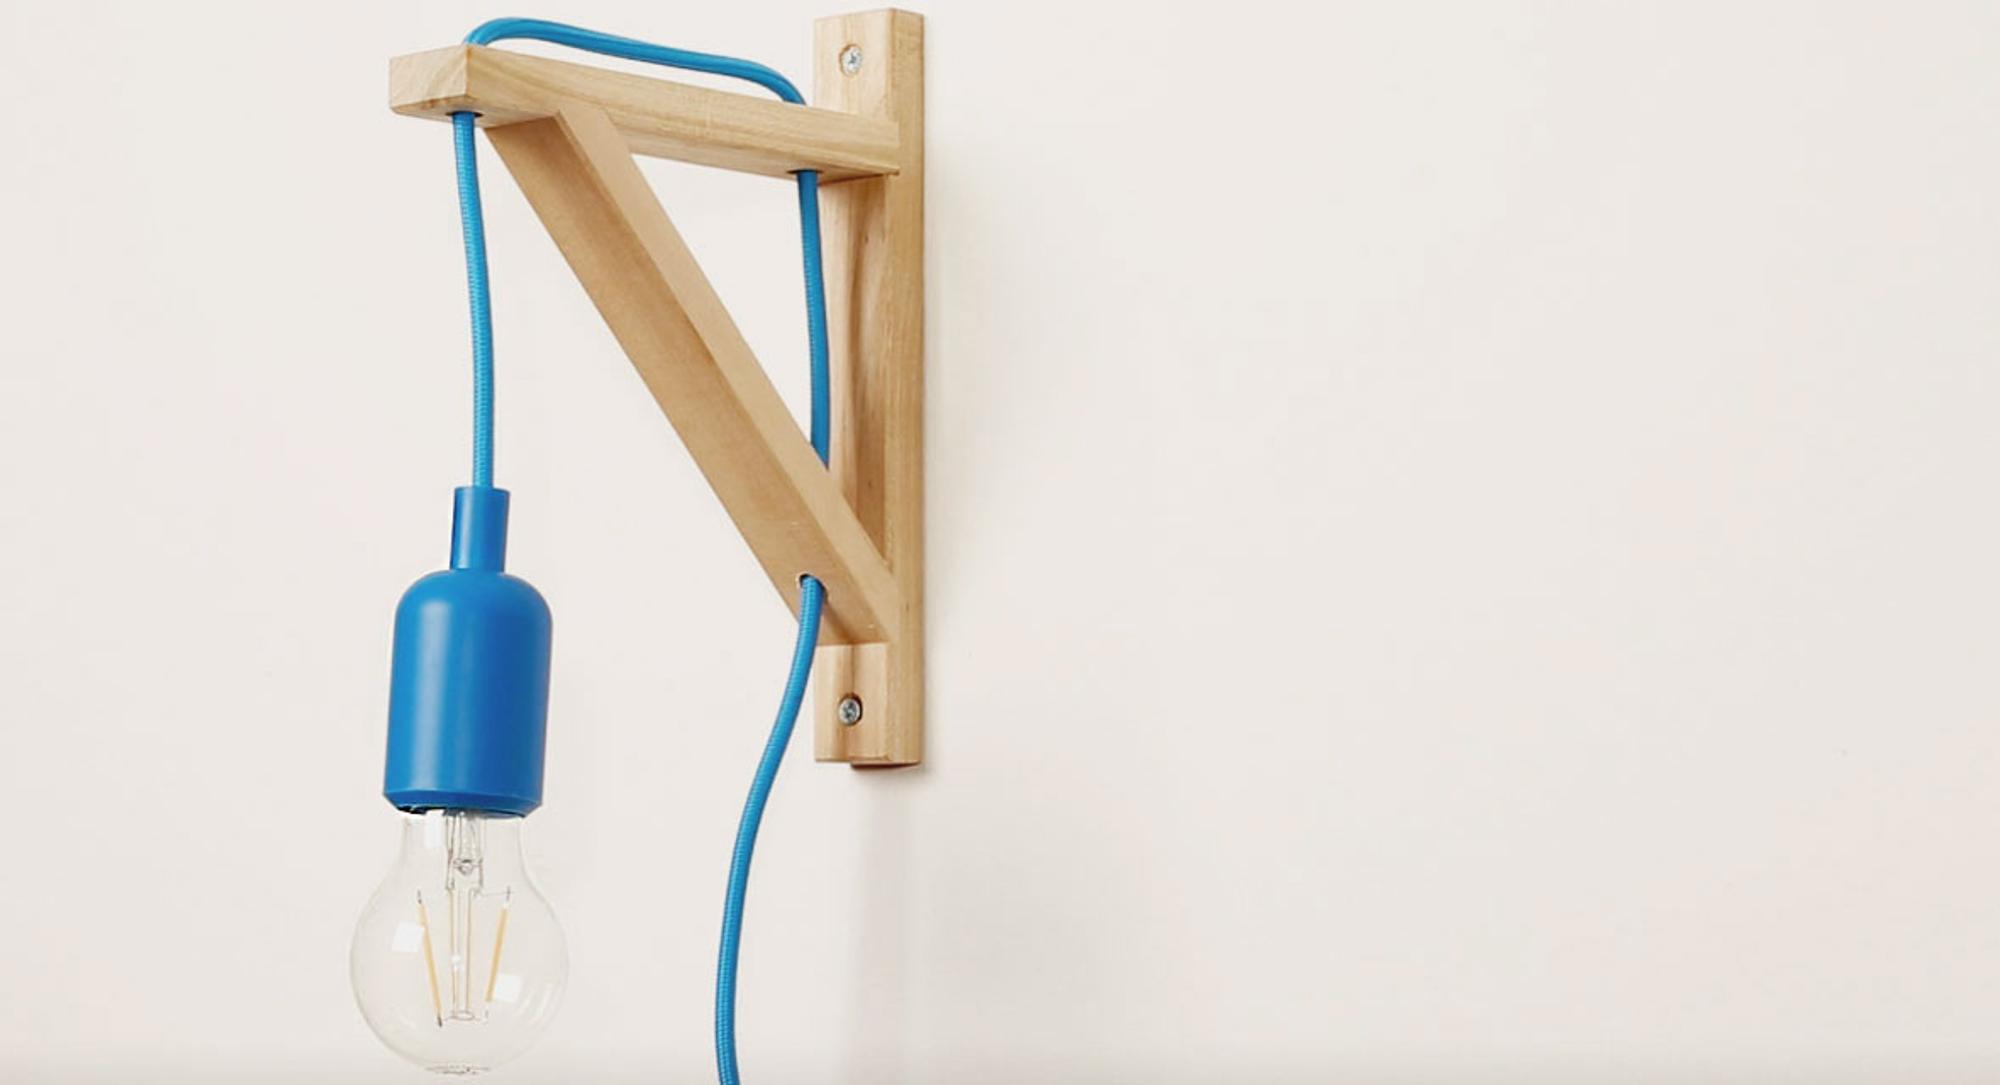 Selber Bauen Nichts Leichter Lampe Eine DasMissmadeit Als dxroCBWe